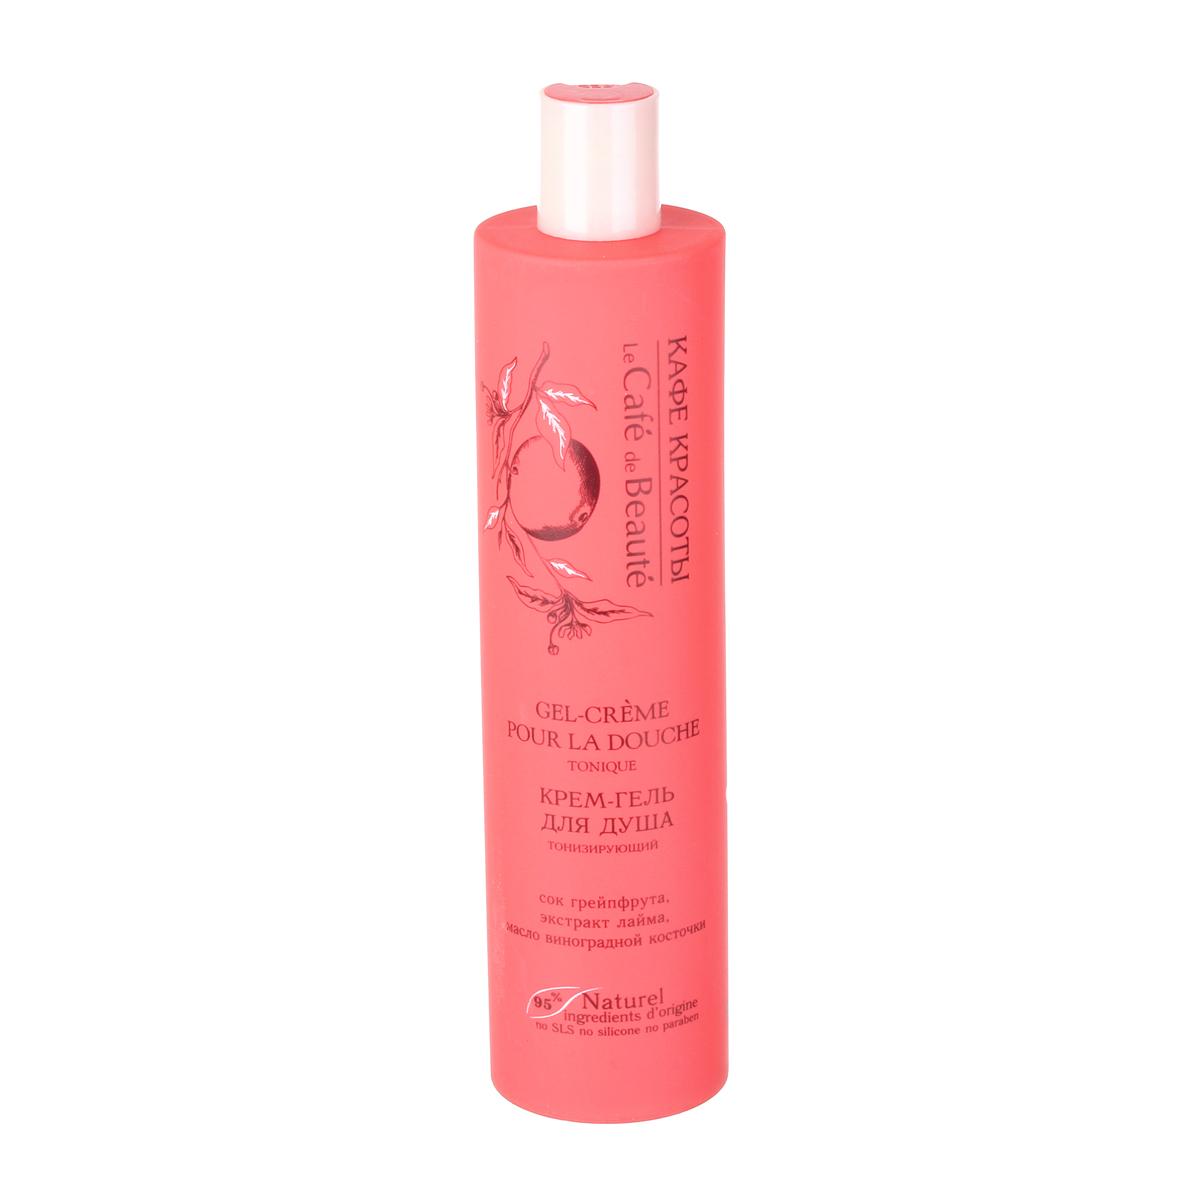 Кафе Красоты Крем-гель для душа Тонизирующий 400 мл162107Крем-гель с насыщенным цитрусовым ароматом подарит бодрость и сделает Вашу кожу еще красивее. Сок Греипфрута повышает тонус, придавая коже упругость и эластичность, сок Лаима деликатно очищает и дезинфицирует, а также стимулирует кровообращение и освежает. Масло Миндаля увлажняет кожу, придавая еи нежность и гладкость.